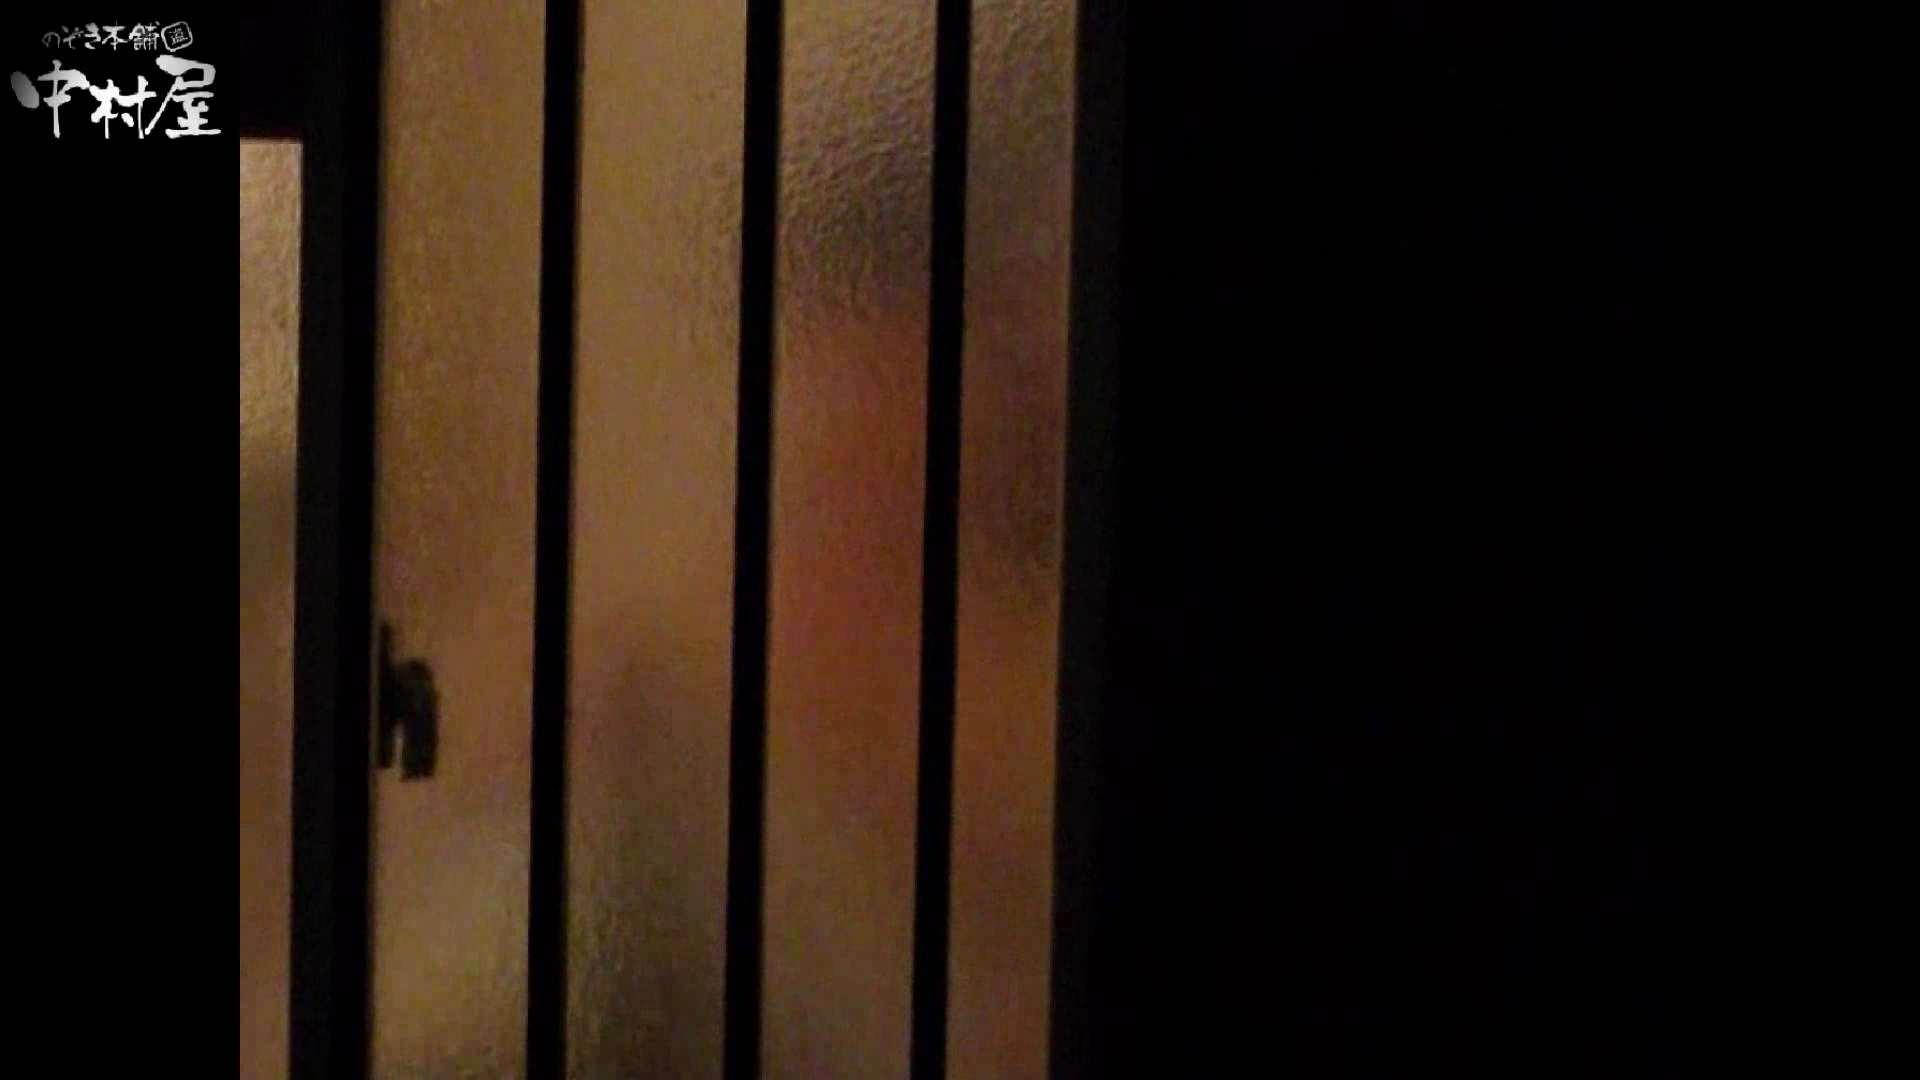 民家風呂専門盗撮師の超危険映像 vol.003 美少女ヌード オマンコ動画キャプチャ 77画像 17